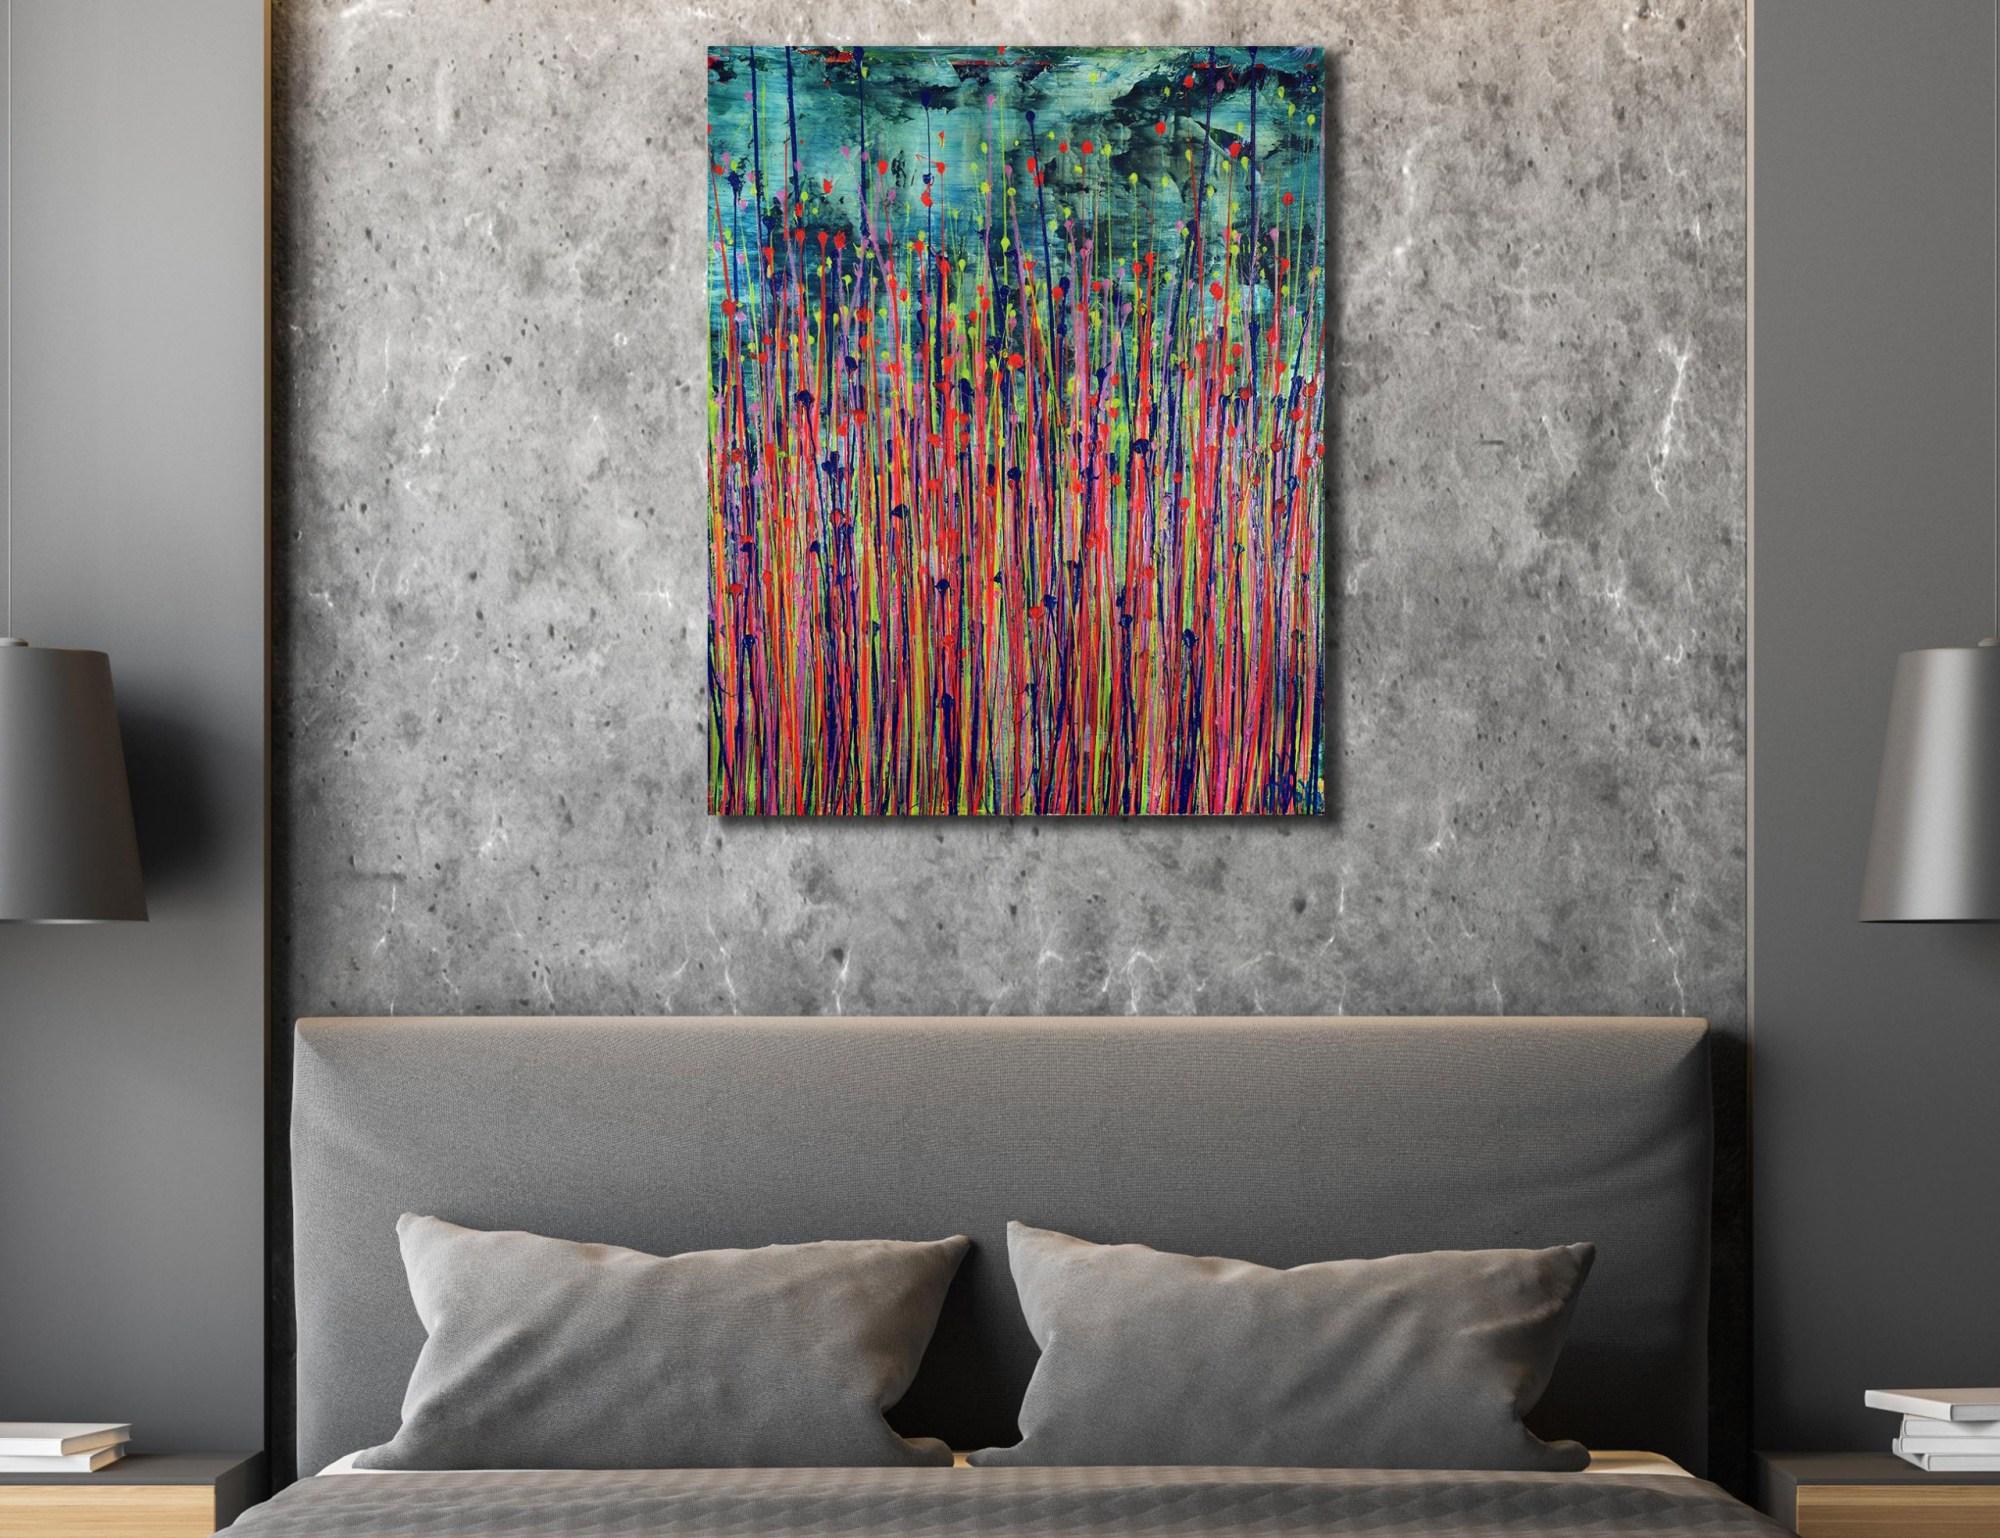 Room example / Daydream Panorama (Natures Imagery) 38 / 24x30 (2021) / Artist: Nestor Toro